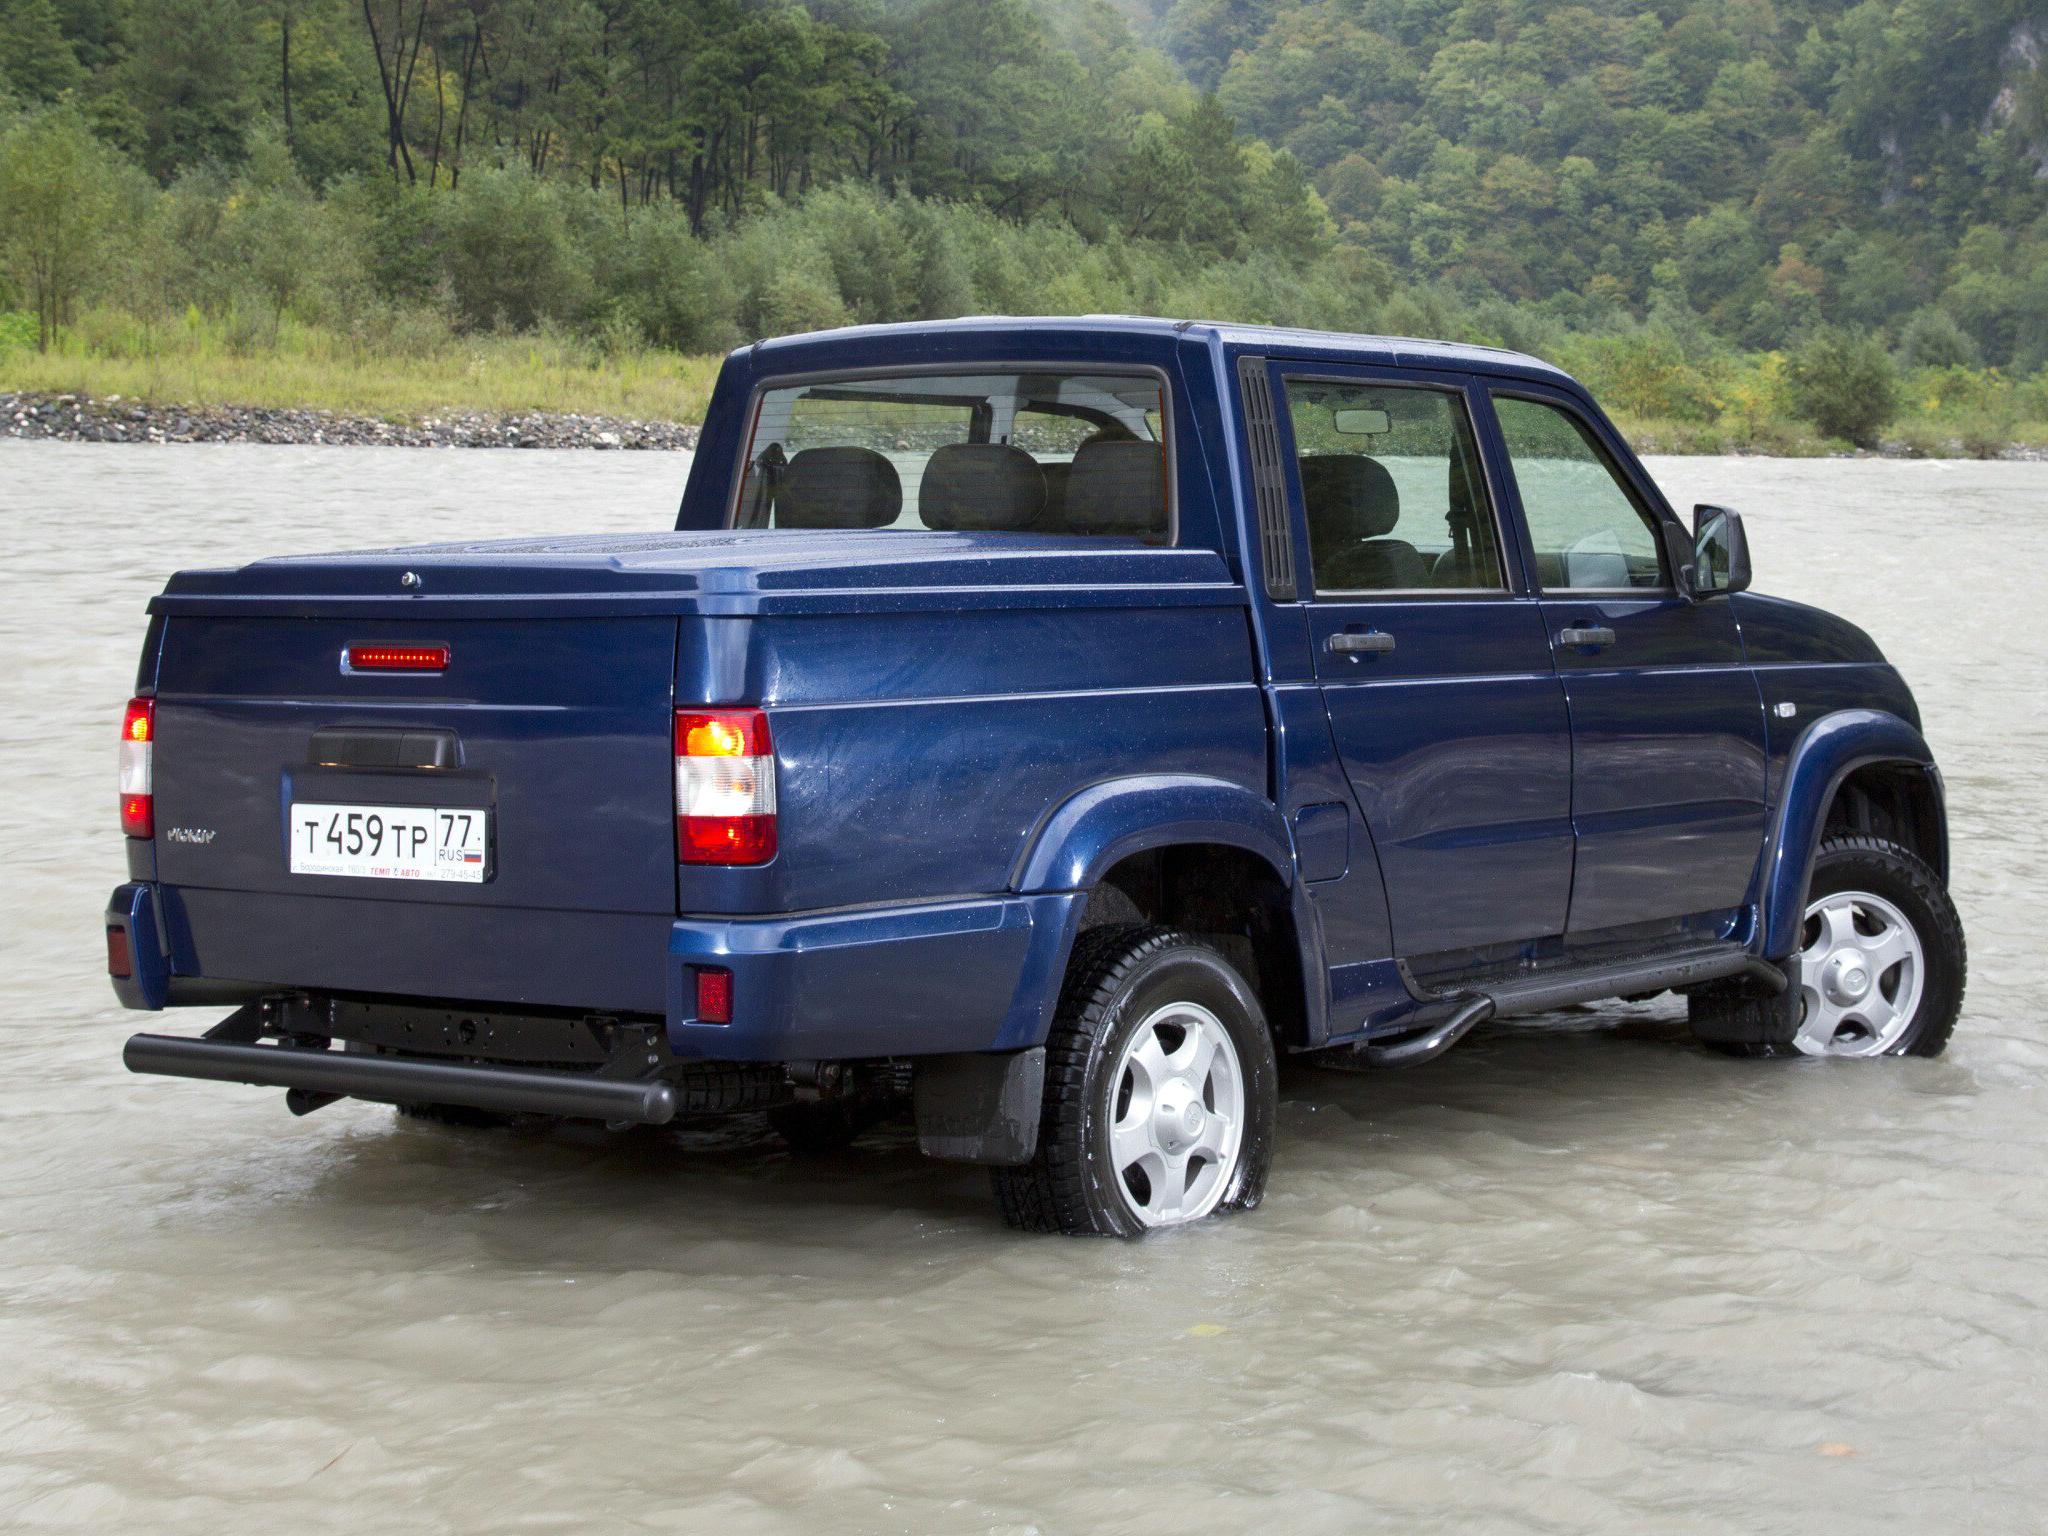 УАЗ Пикап стал лидером по продажам в своем сегменте на российском рынке